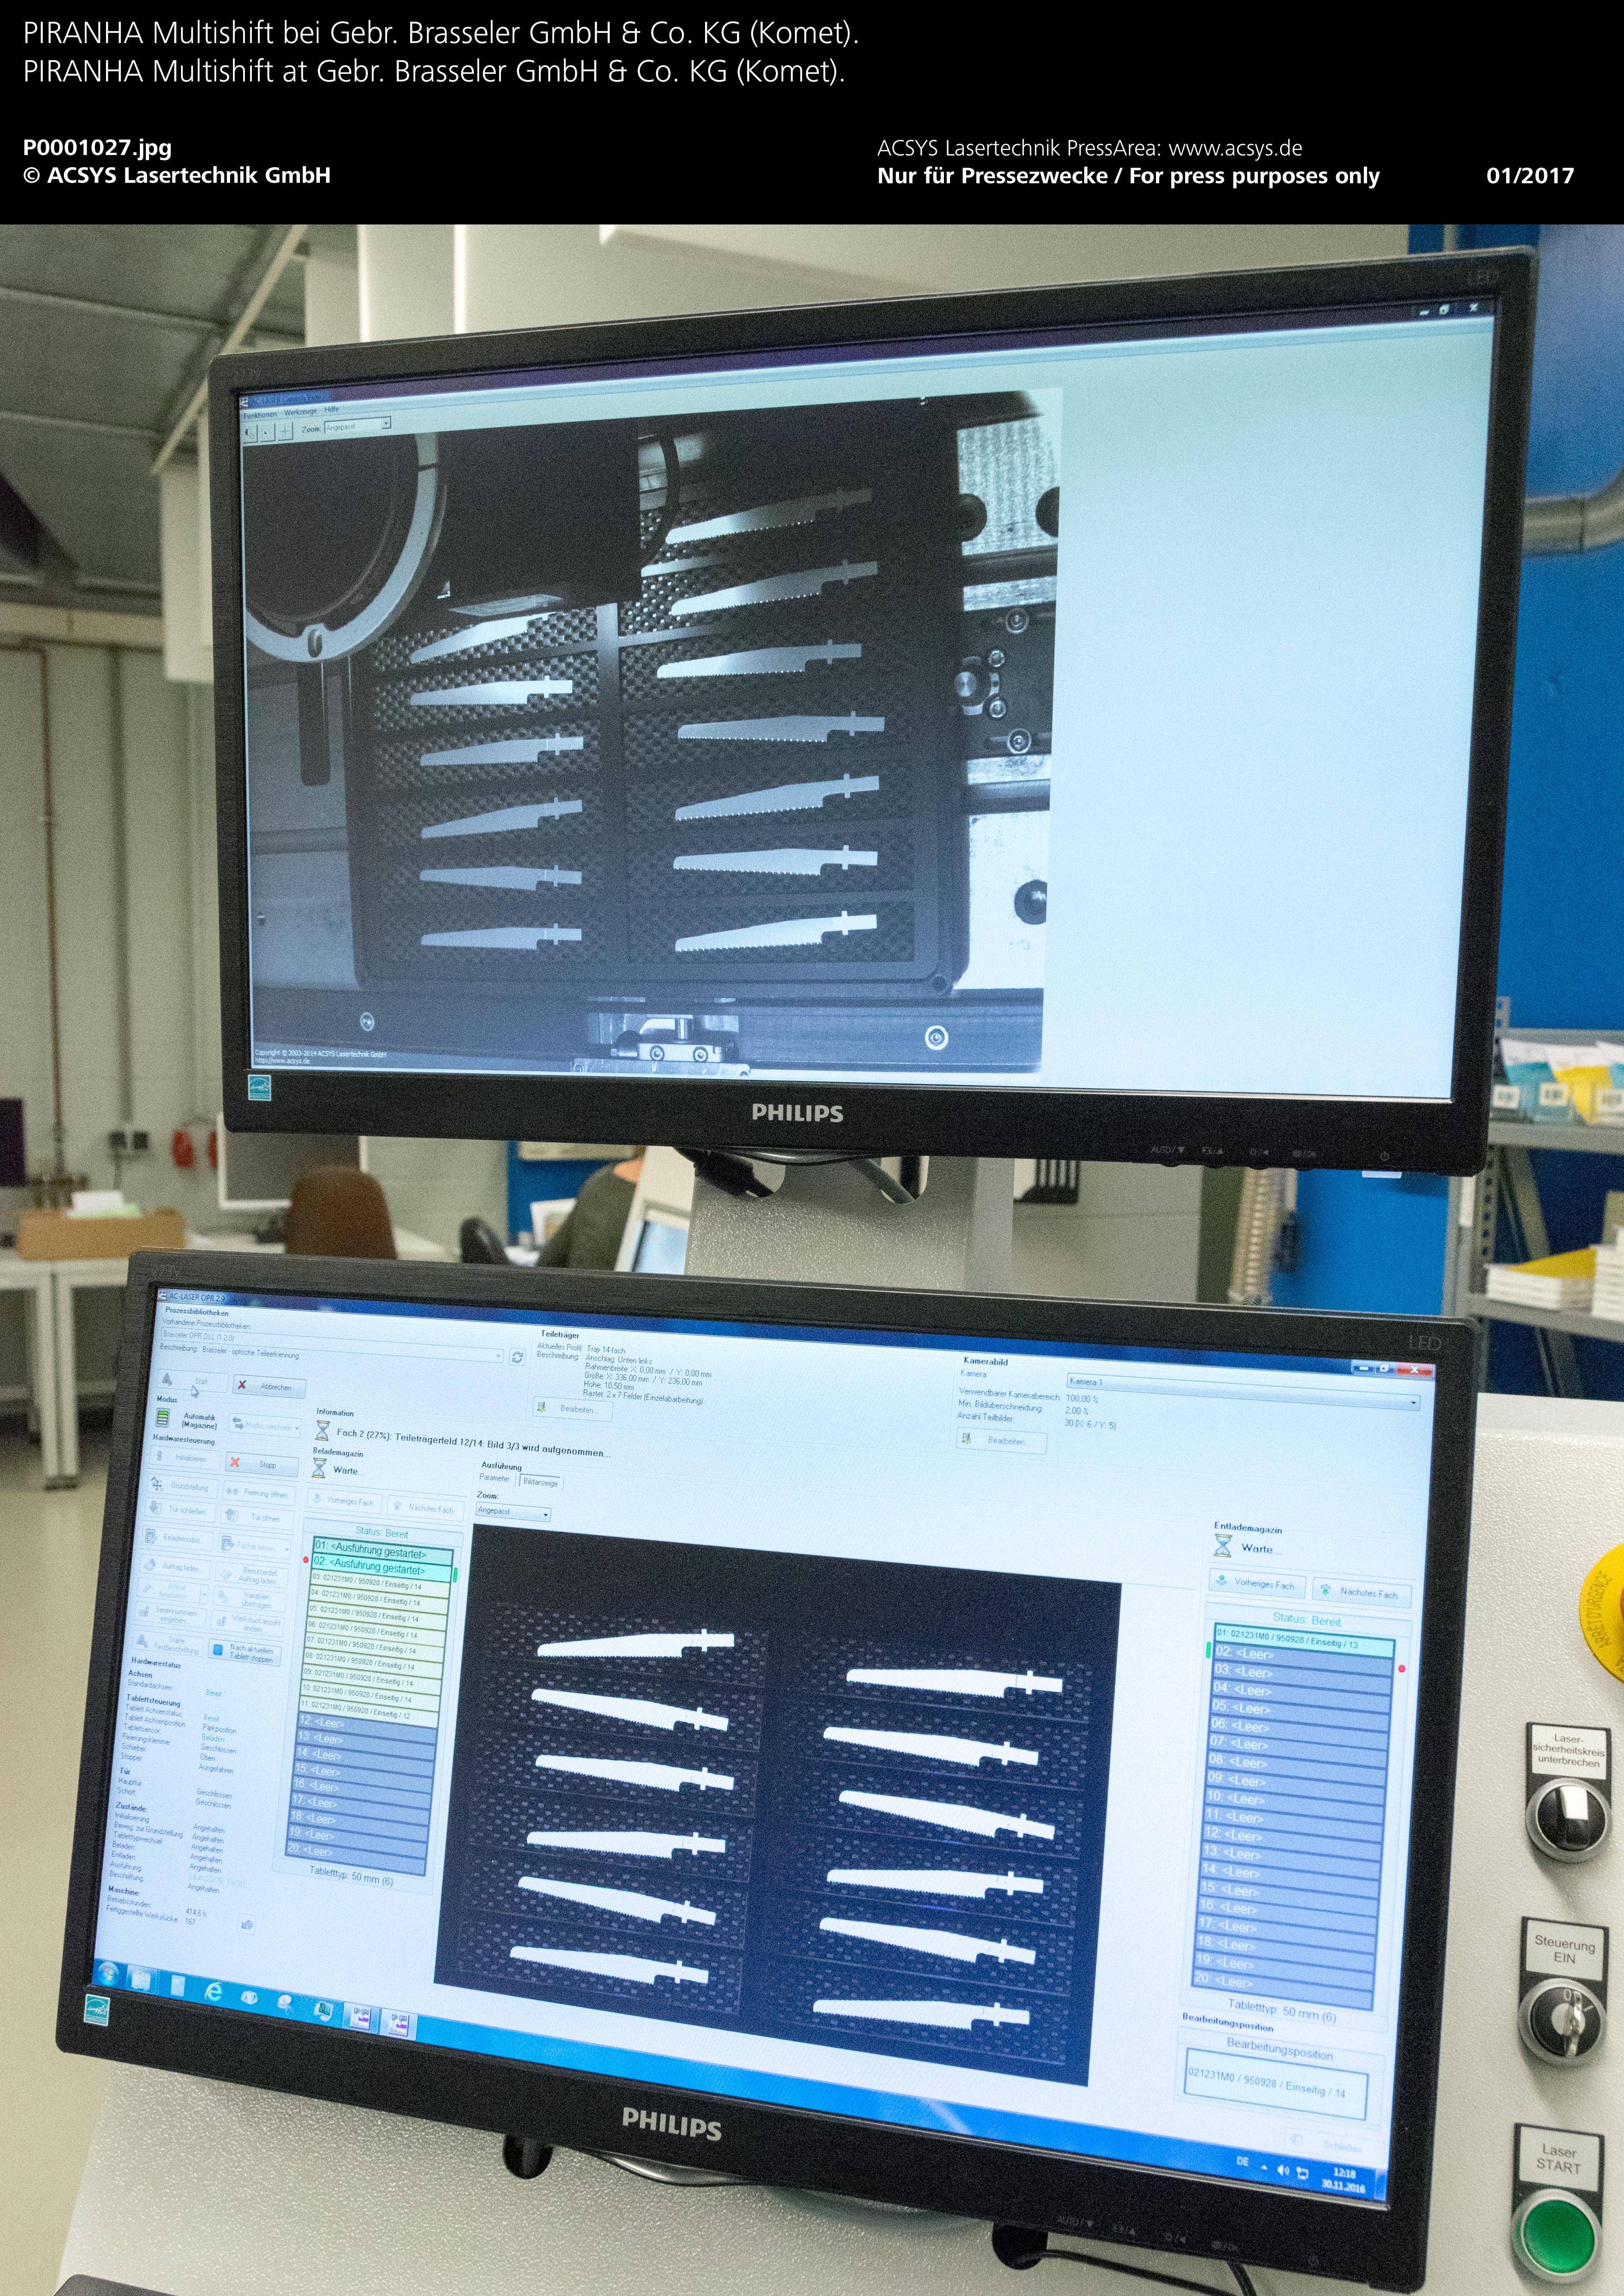 PIRANHA Multishift von ACSYS – Vollautomatische Konturerkennung mittels hochauflösendem Kamerasystem.